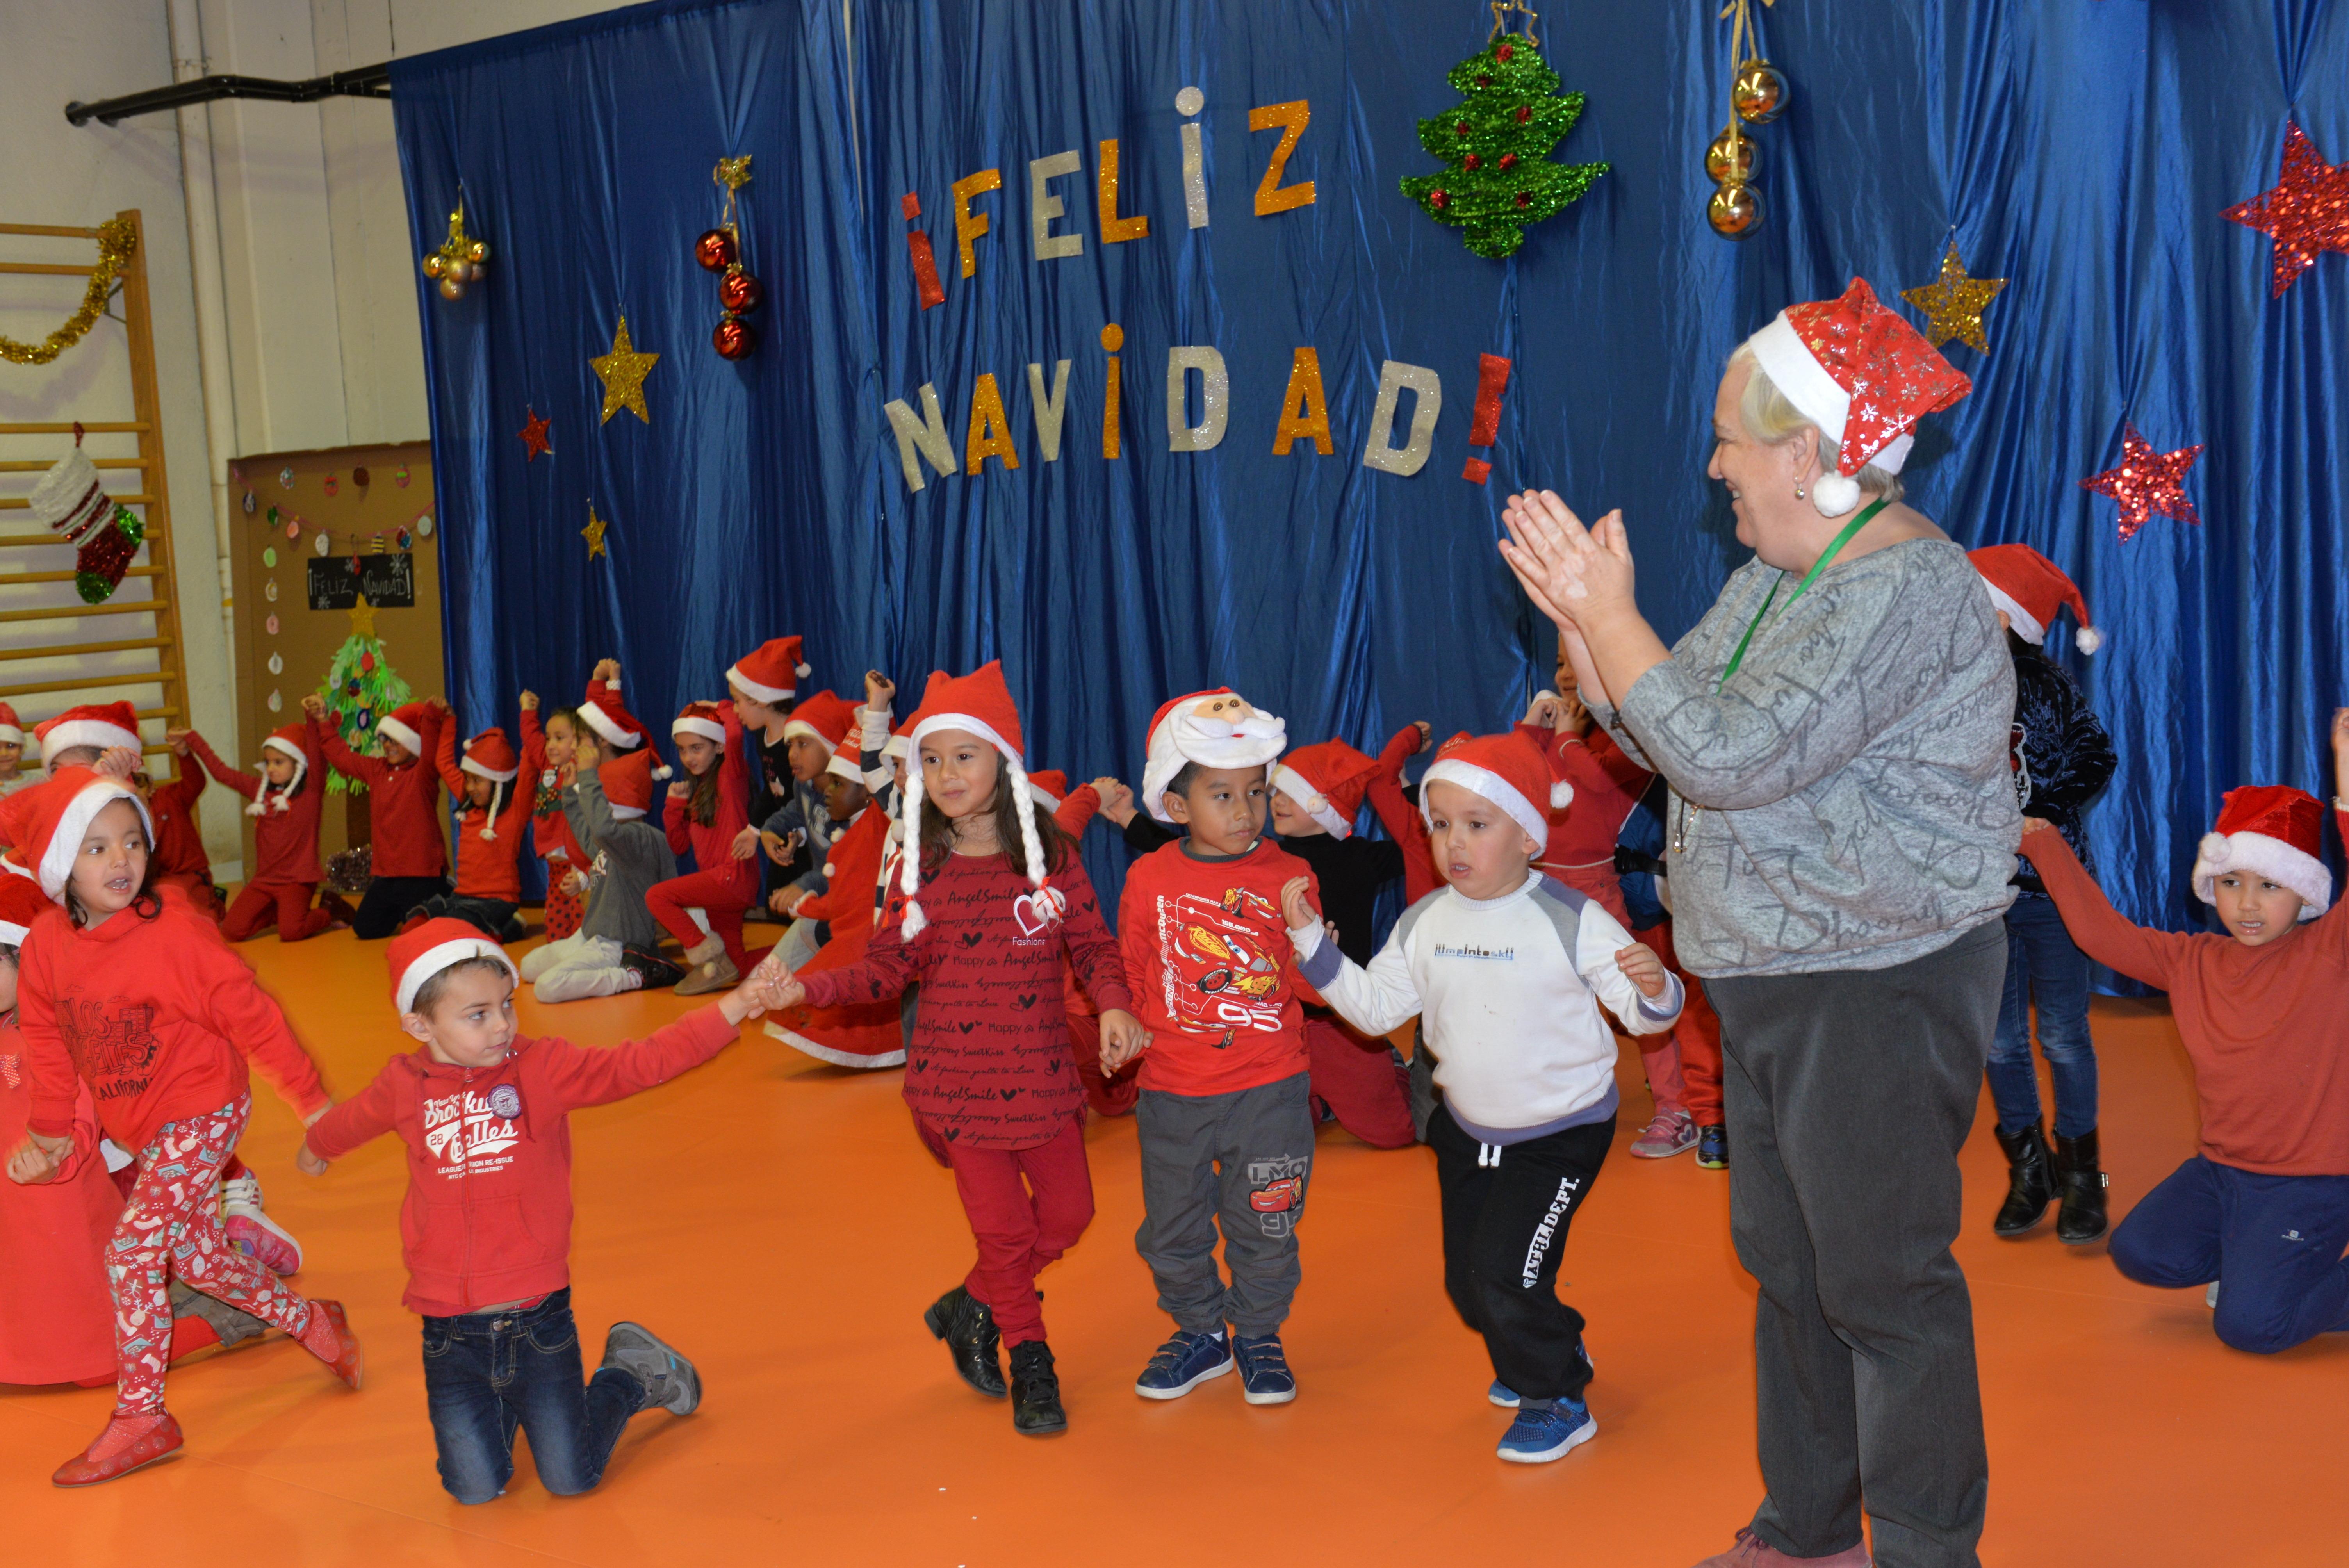 Festival de Navidad 3 15